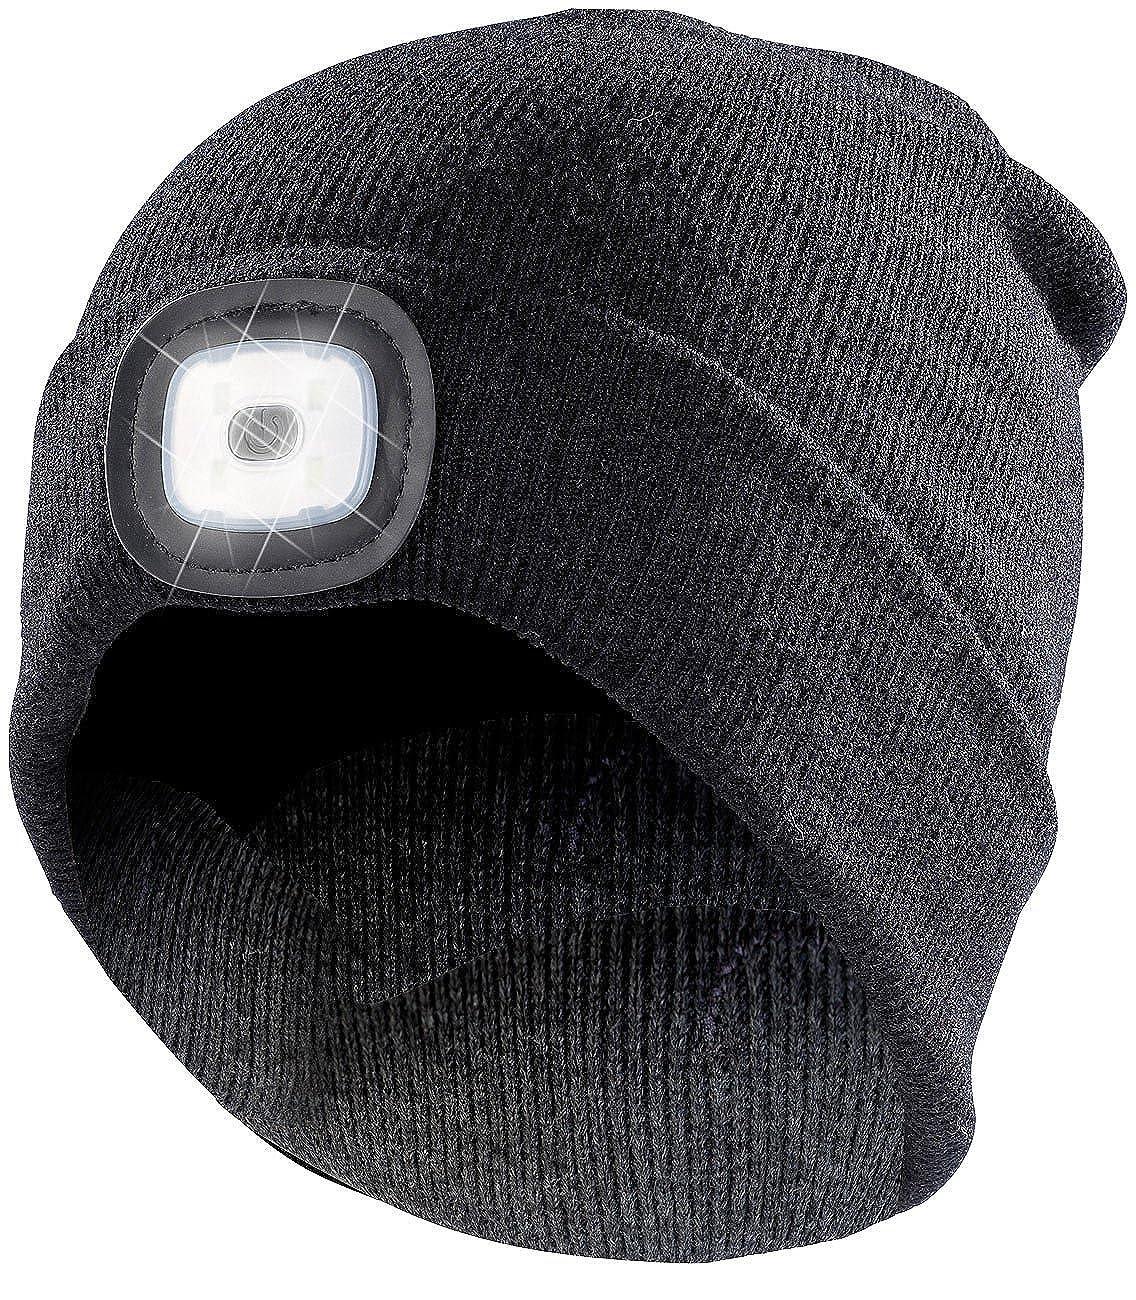 Lunartec Mütze Licht: Schwarze Strickmütze mit LED-Licht, Batteriebetrieb (Stirnlampen)